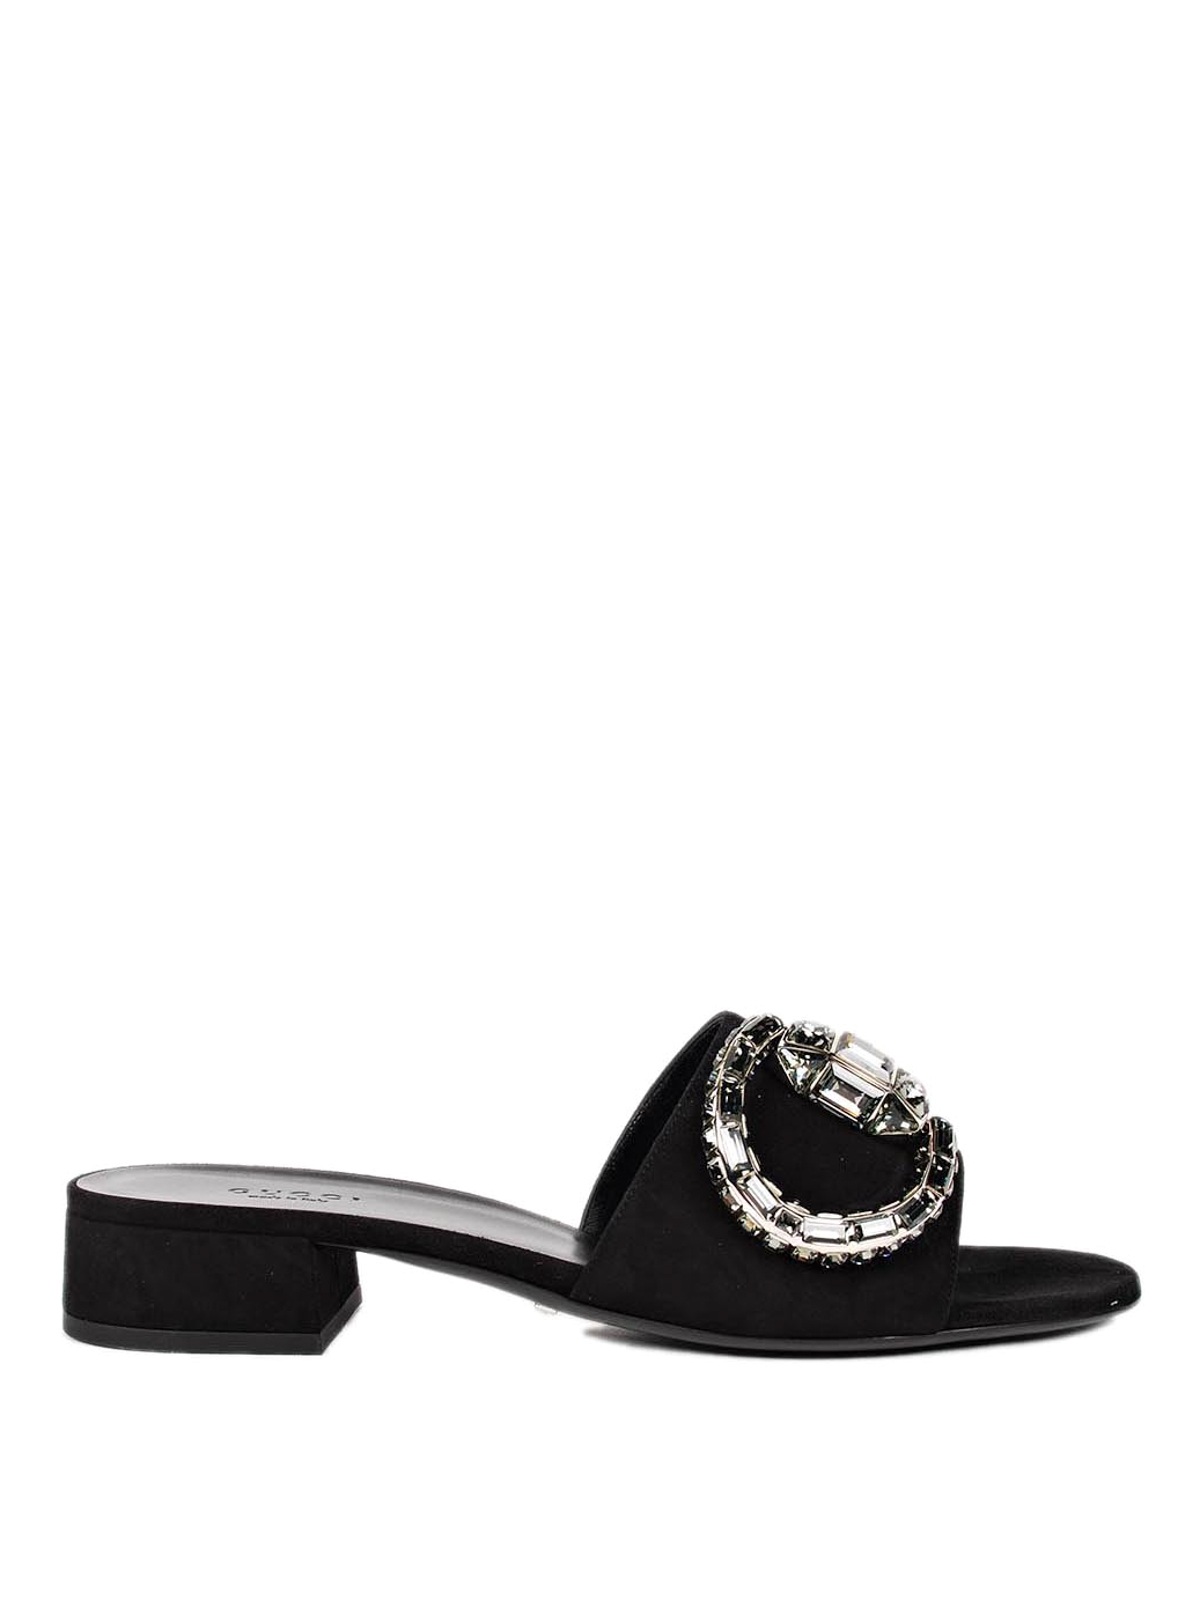 ffdaf7d293a7 Gucci - Crystal horsebit sandals - sandals - 371015 C2000 1000 ...